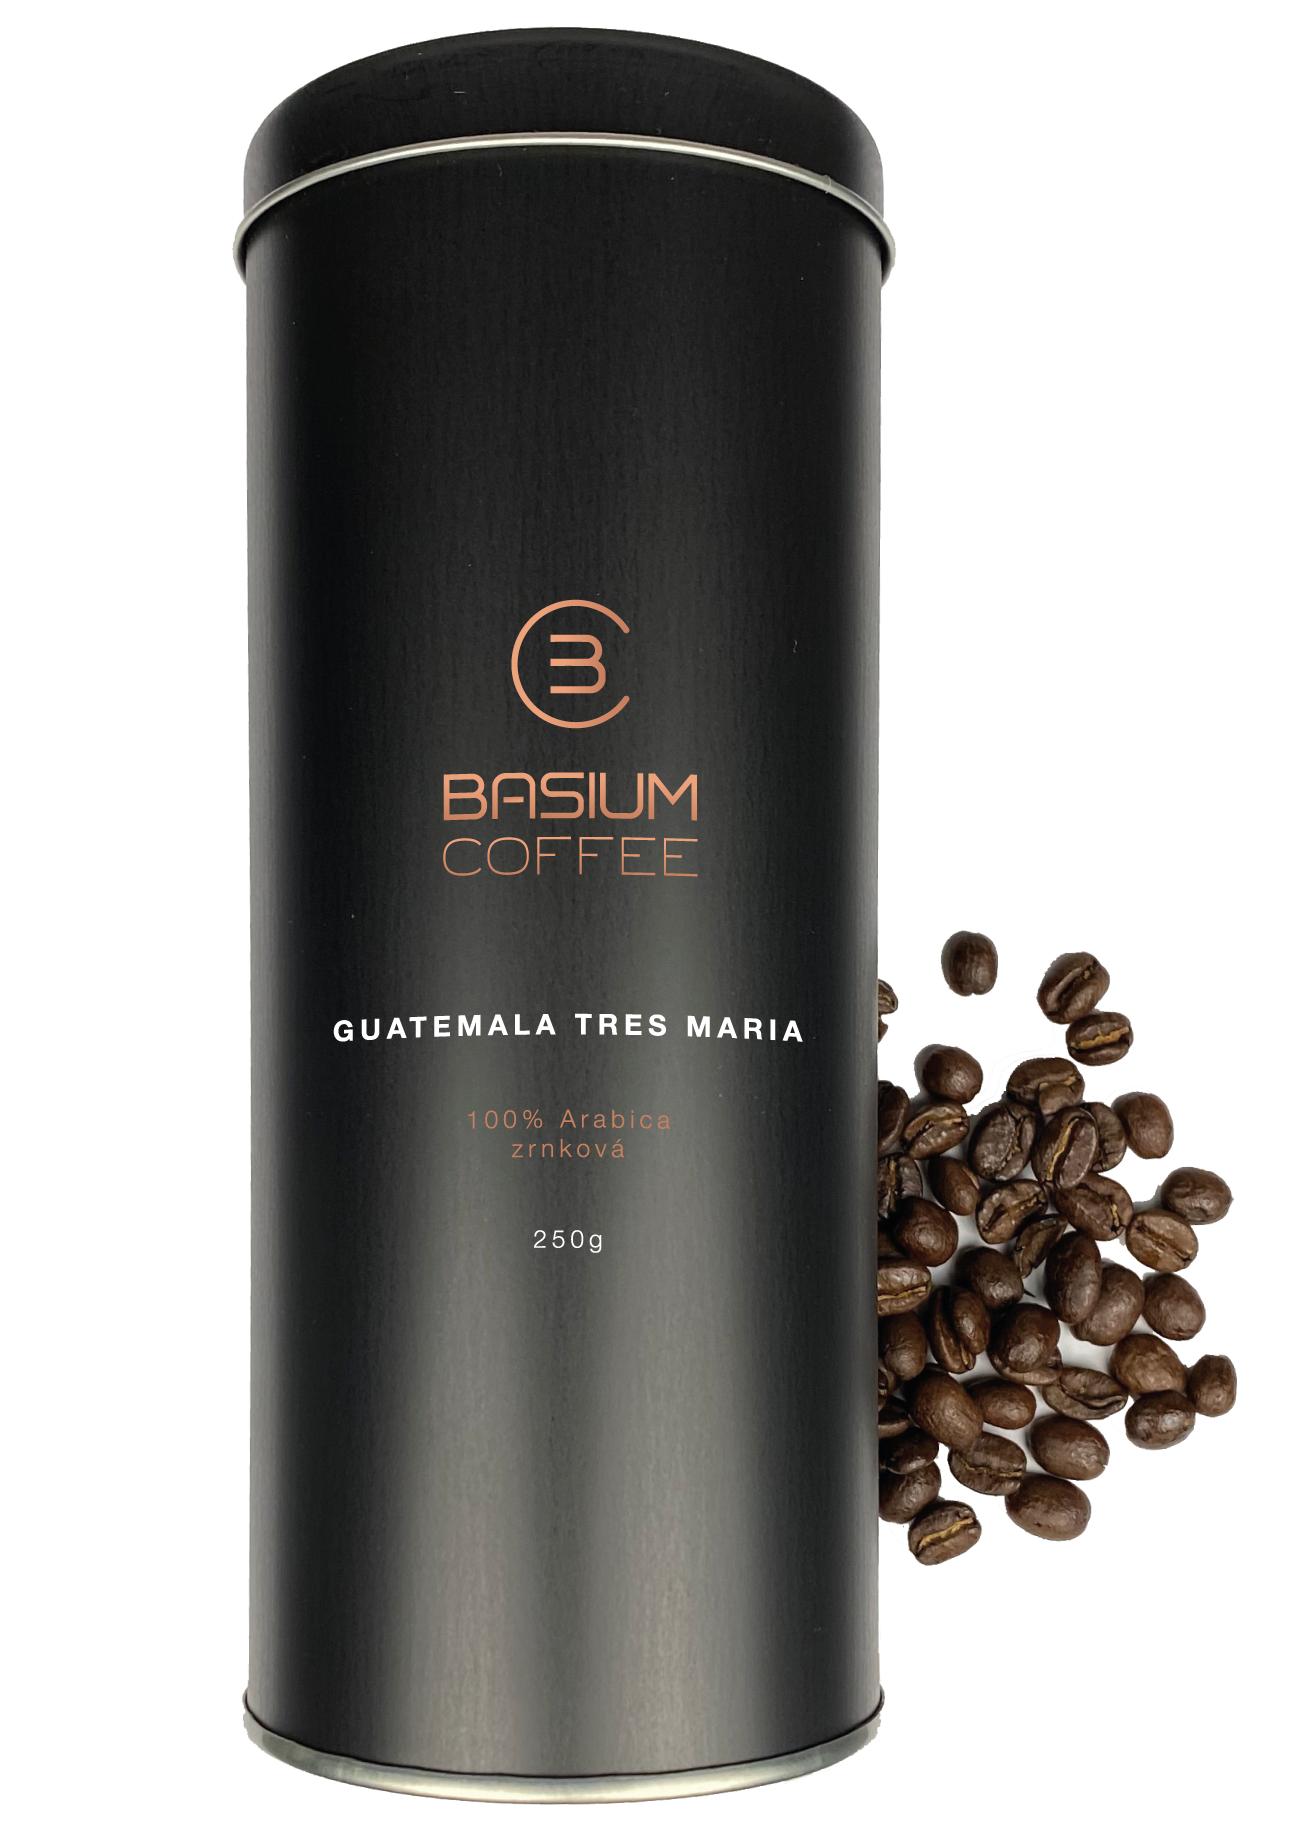 Levně Basium coffee guatemala tres maria dárková dóza zrnková 250g